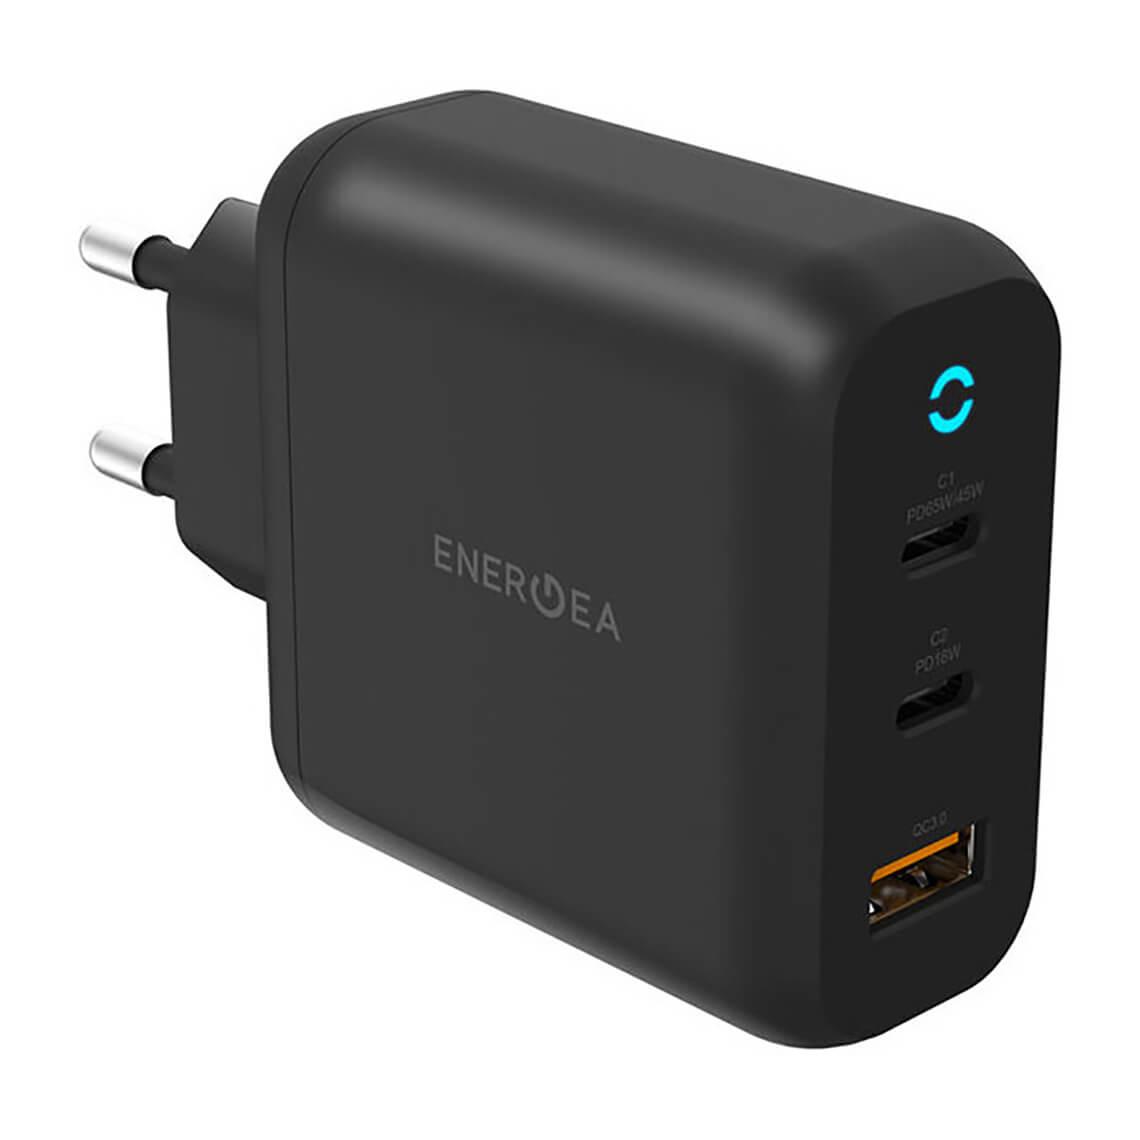 شارژر دیواری انرژیا مدل AMPCHARGE GaN65 با دو درگاه USB-C و USB-A